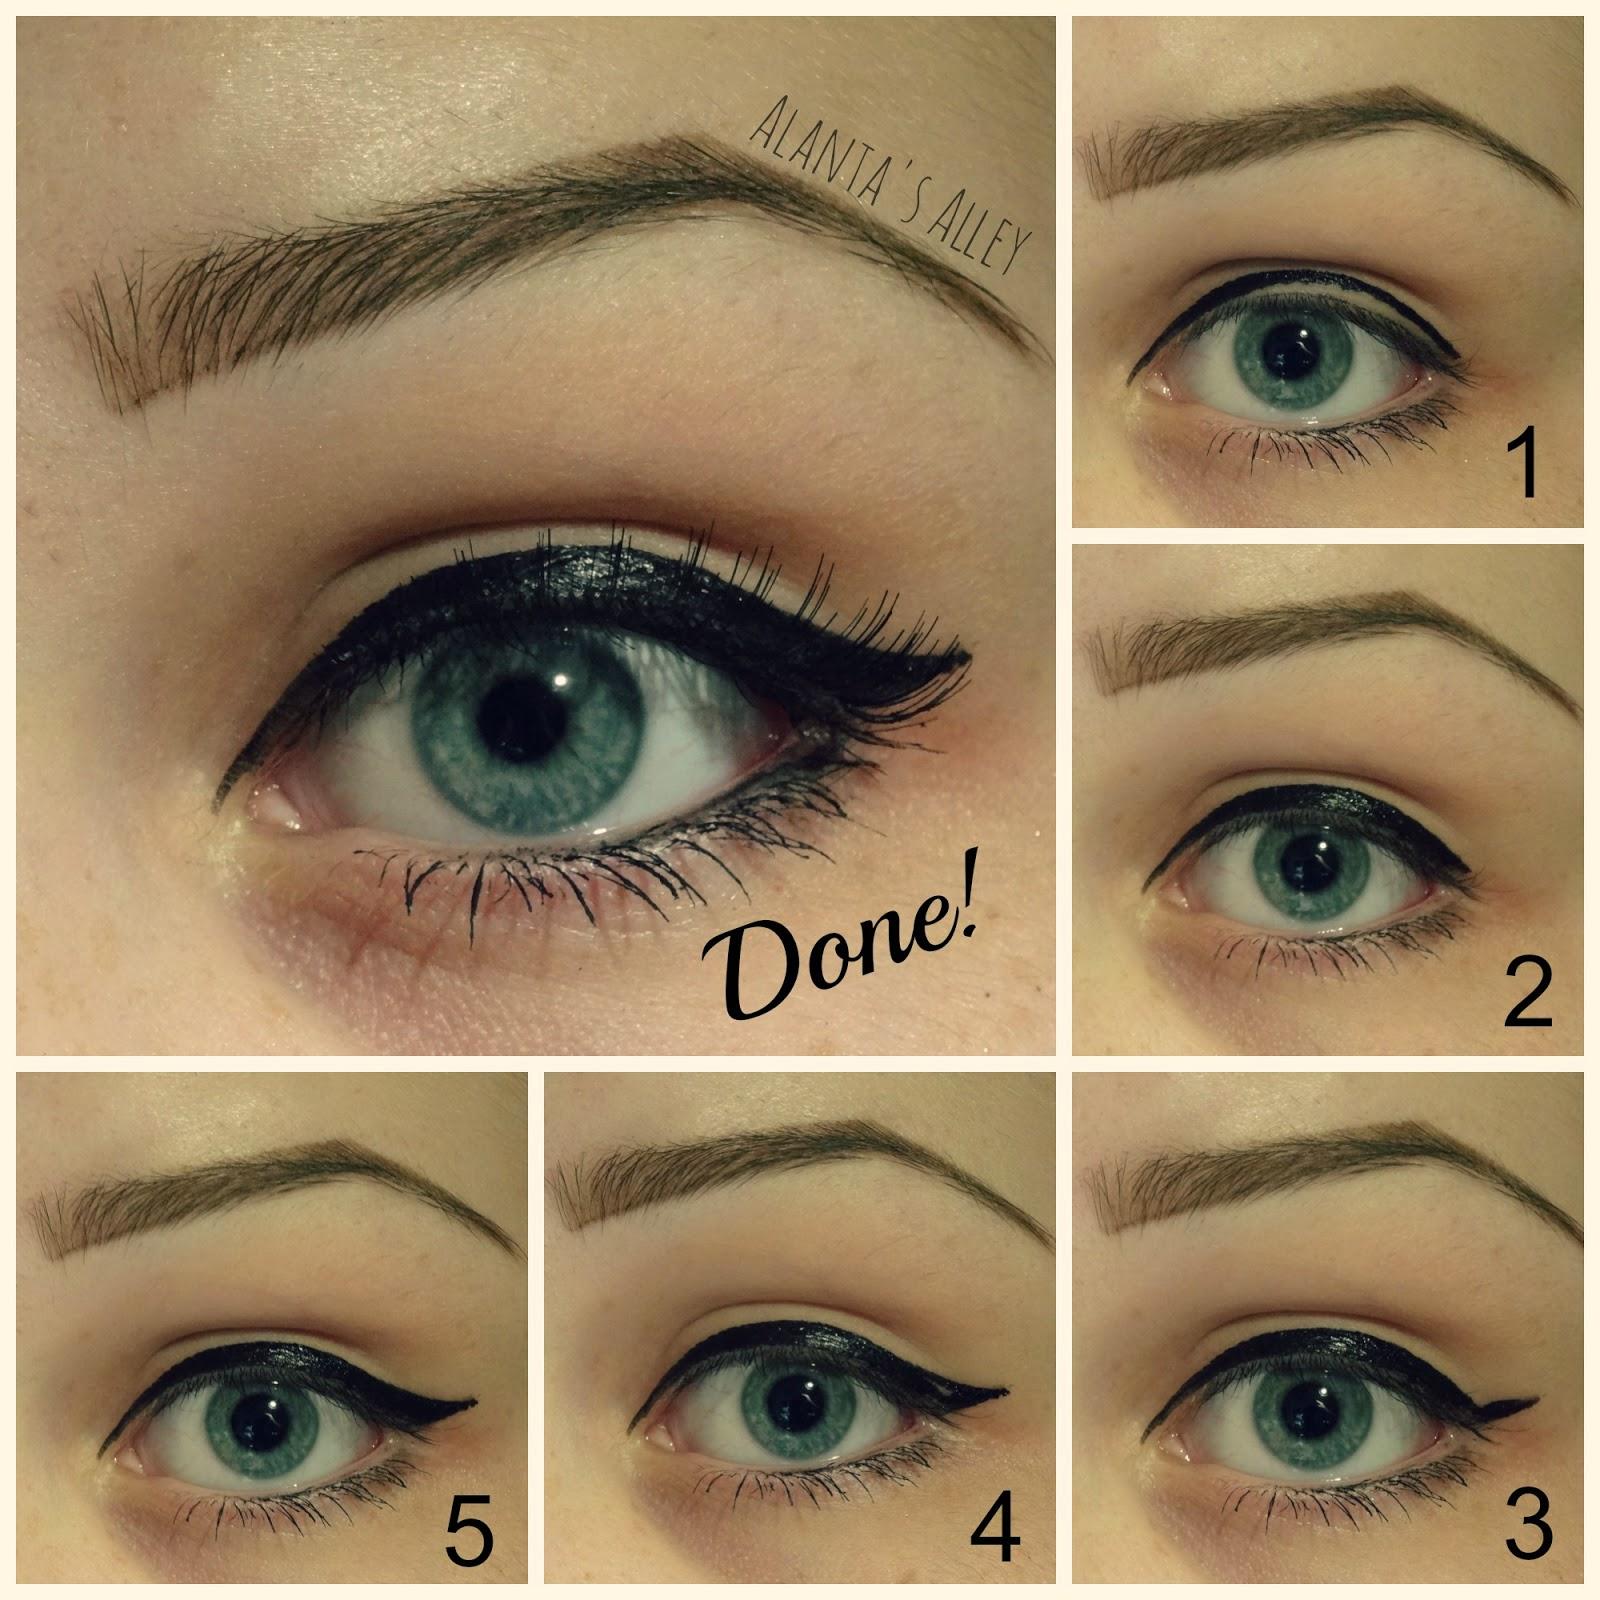 Pencil Eyeliner Liquid Liner Vs Eye